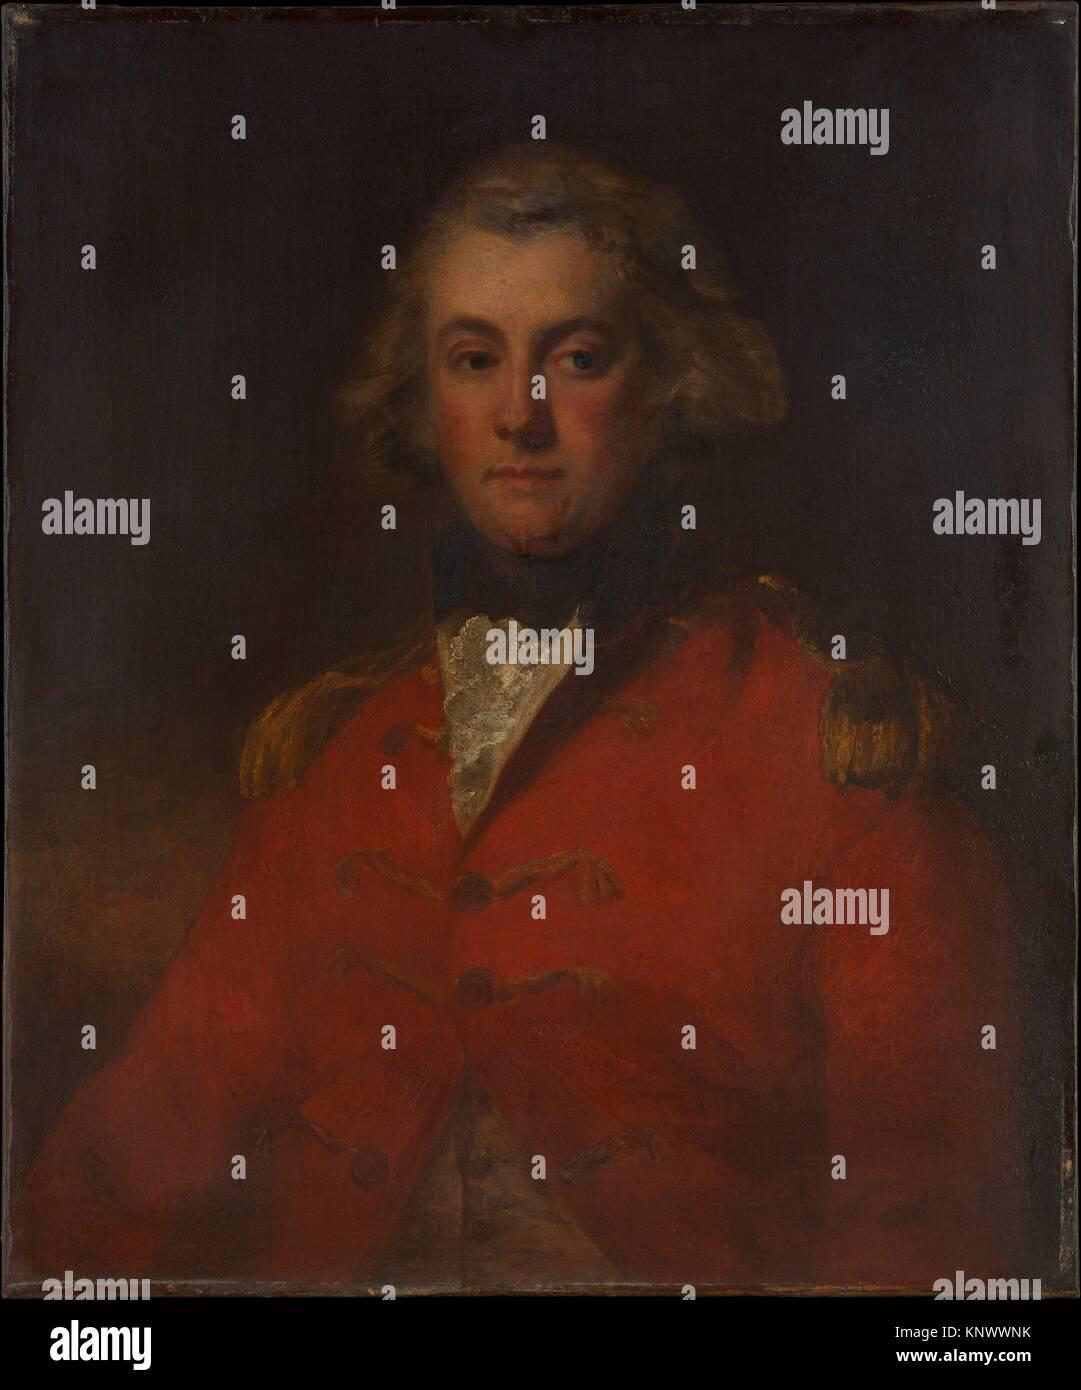 Major Thomas Pechell (1753-1826). Artist: John Hoppner (British, London 1758-1810 London); Date: 1799; Medium: Oil - Stock Image